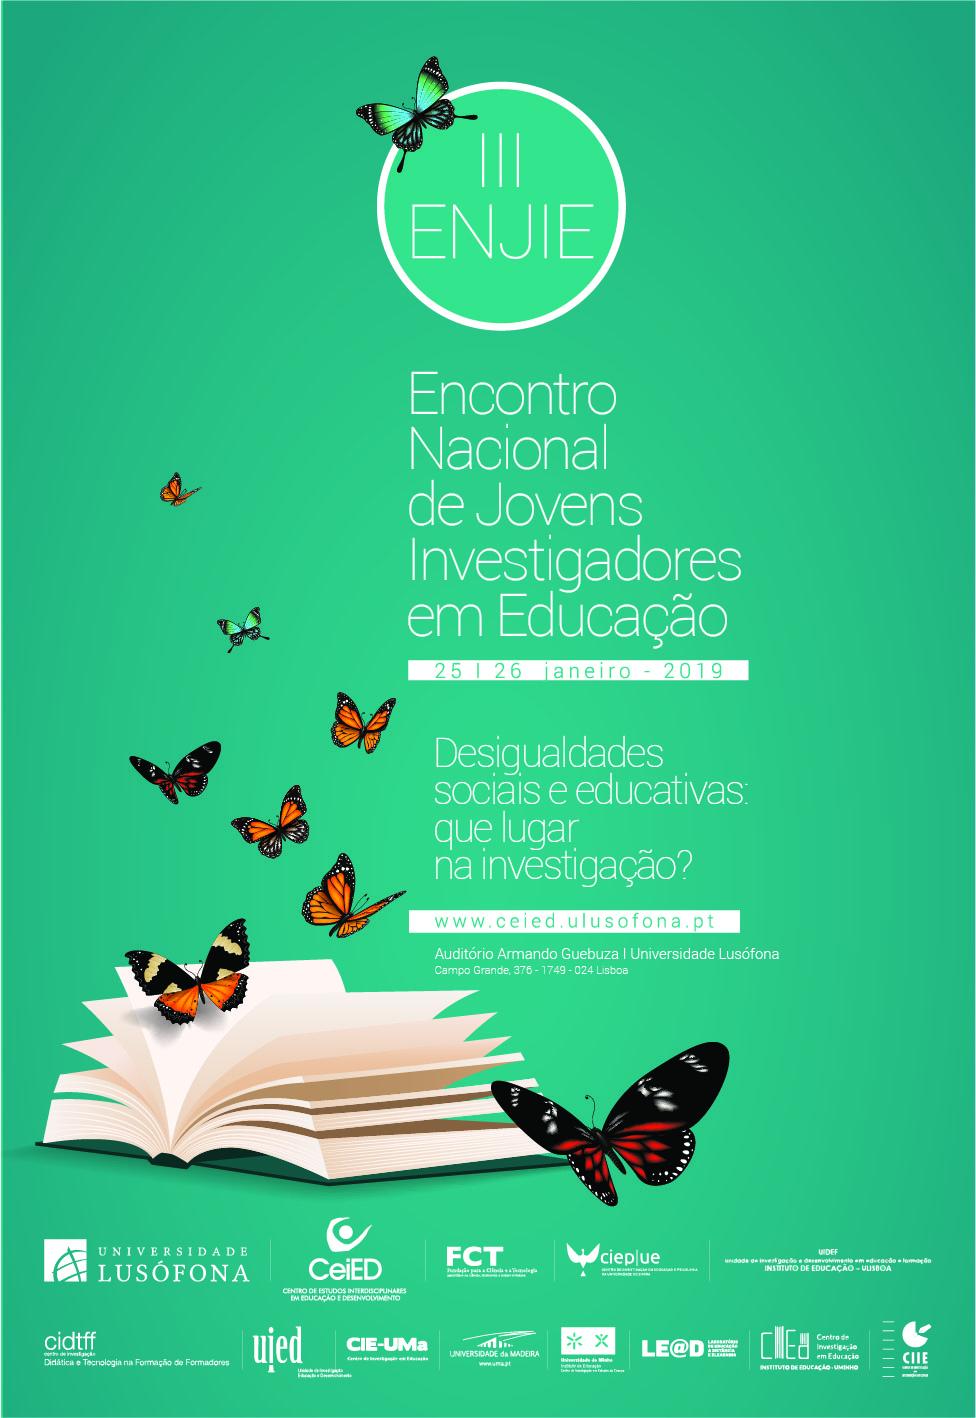 III Encontro Nacional de Jovens Investigadores em Educação (III ENJIE)